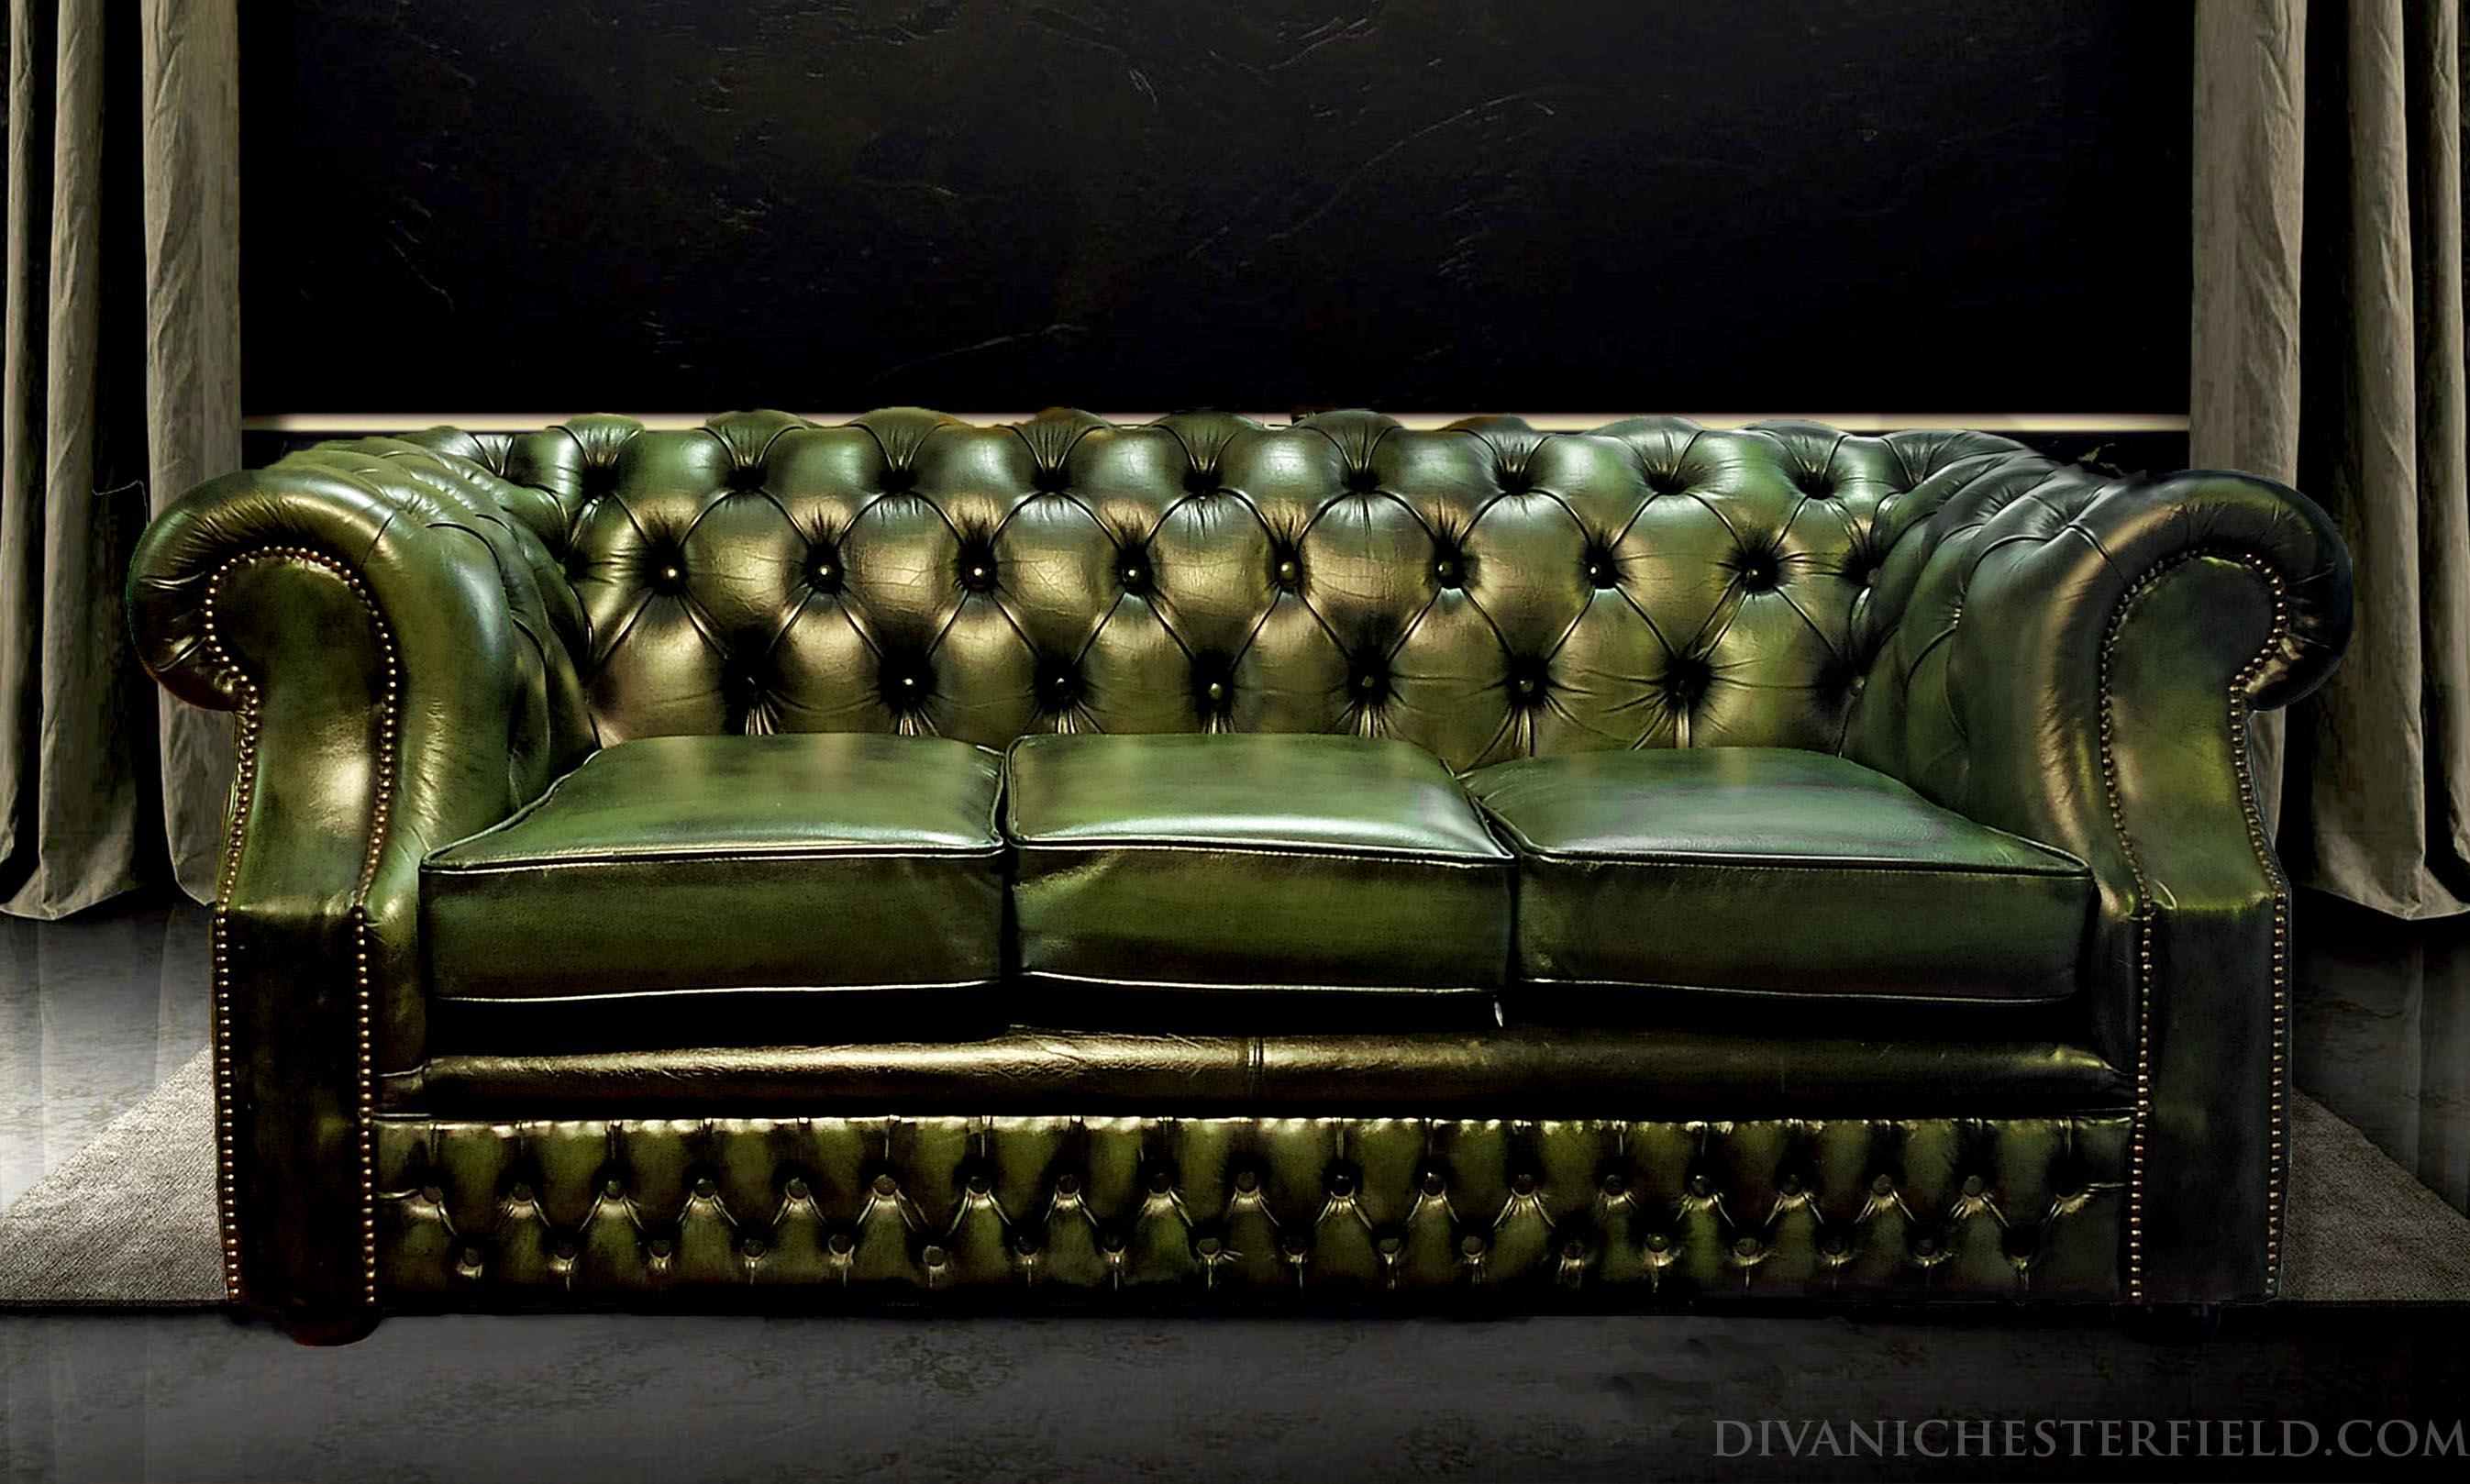 Divani chesterfield usati in pelle vintage originali inglesi - Divano in inglese ...